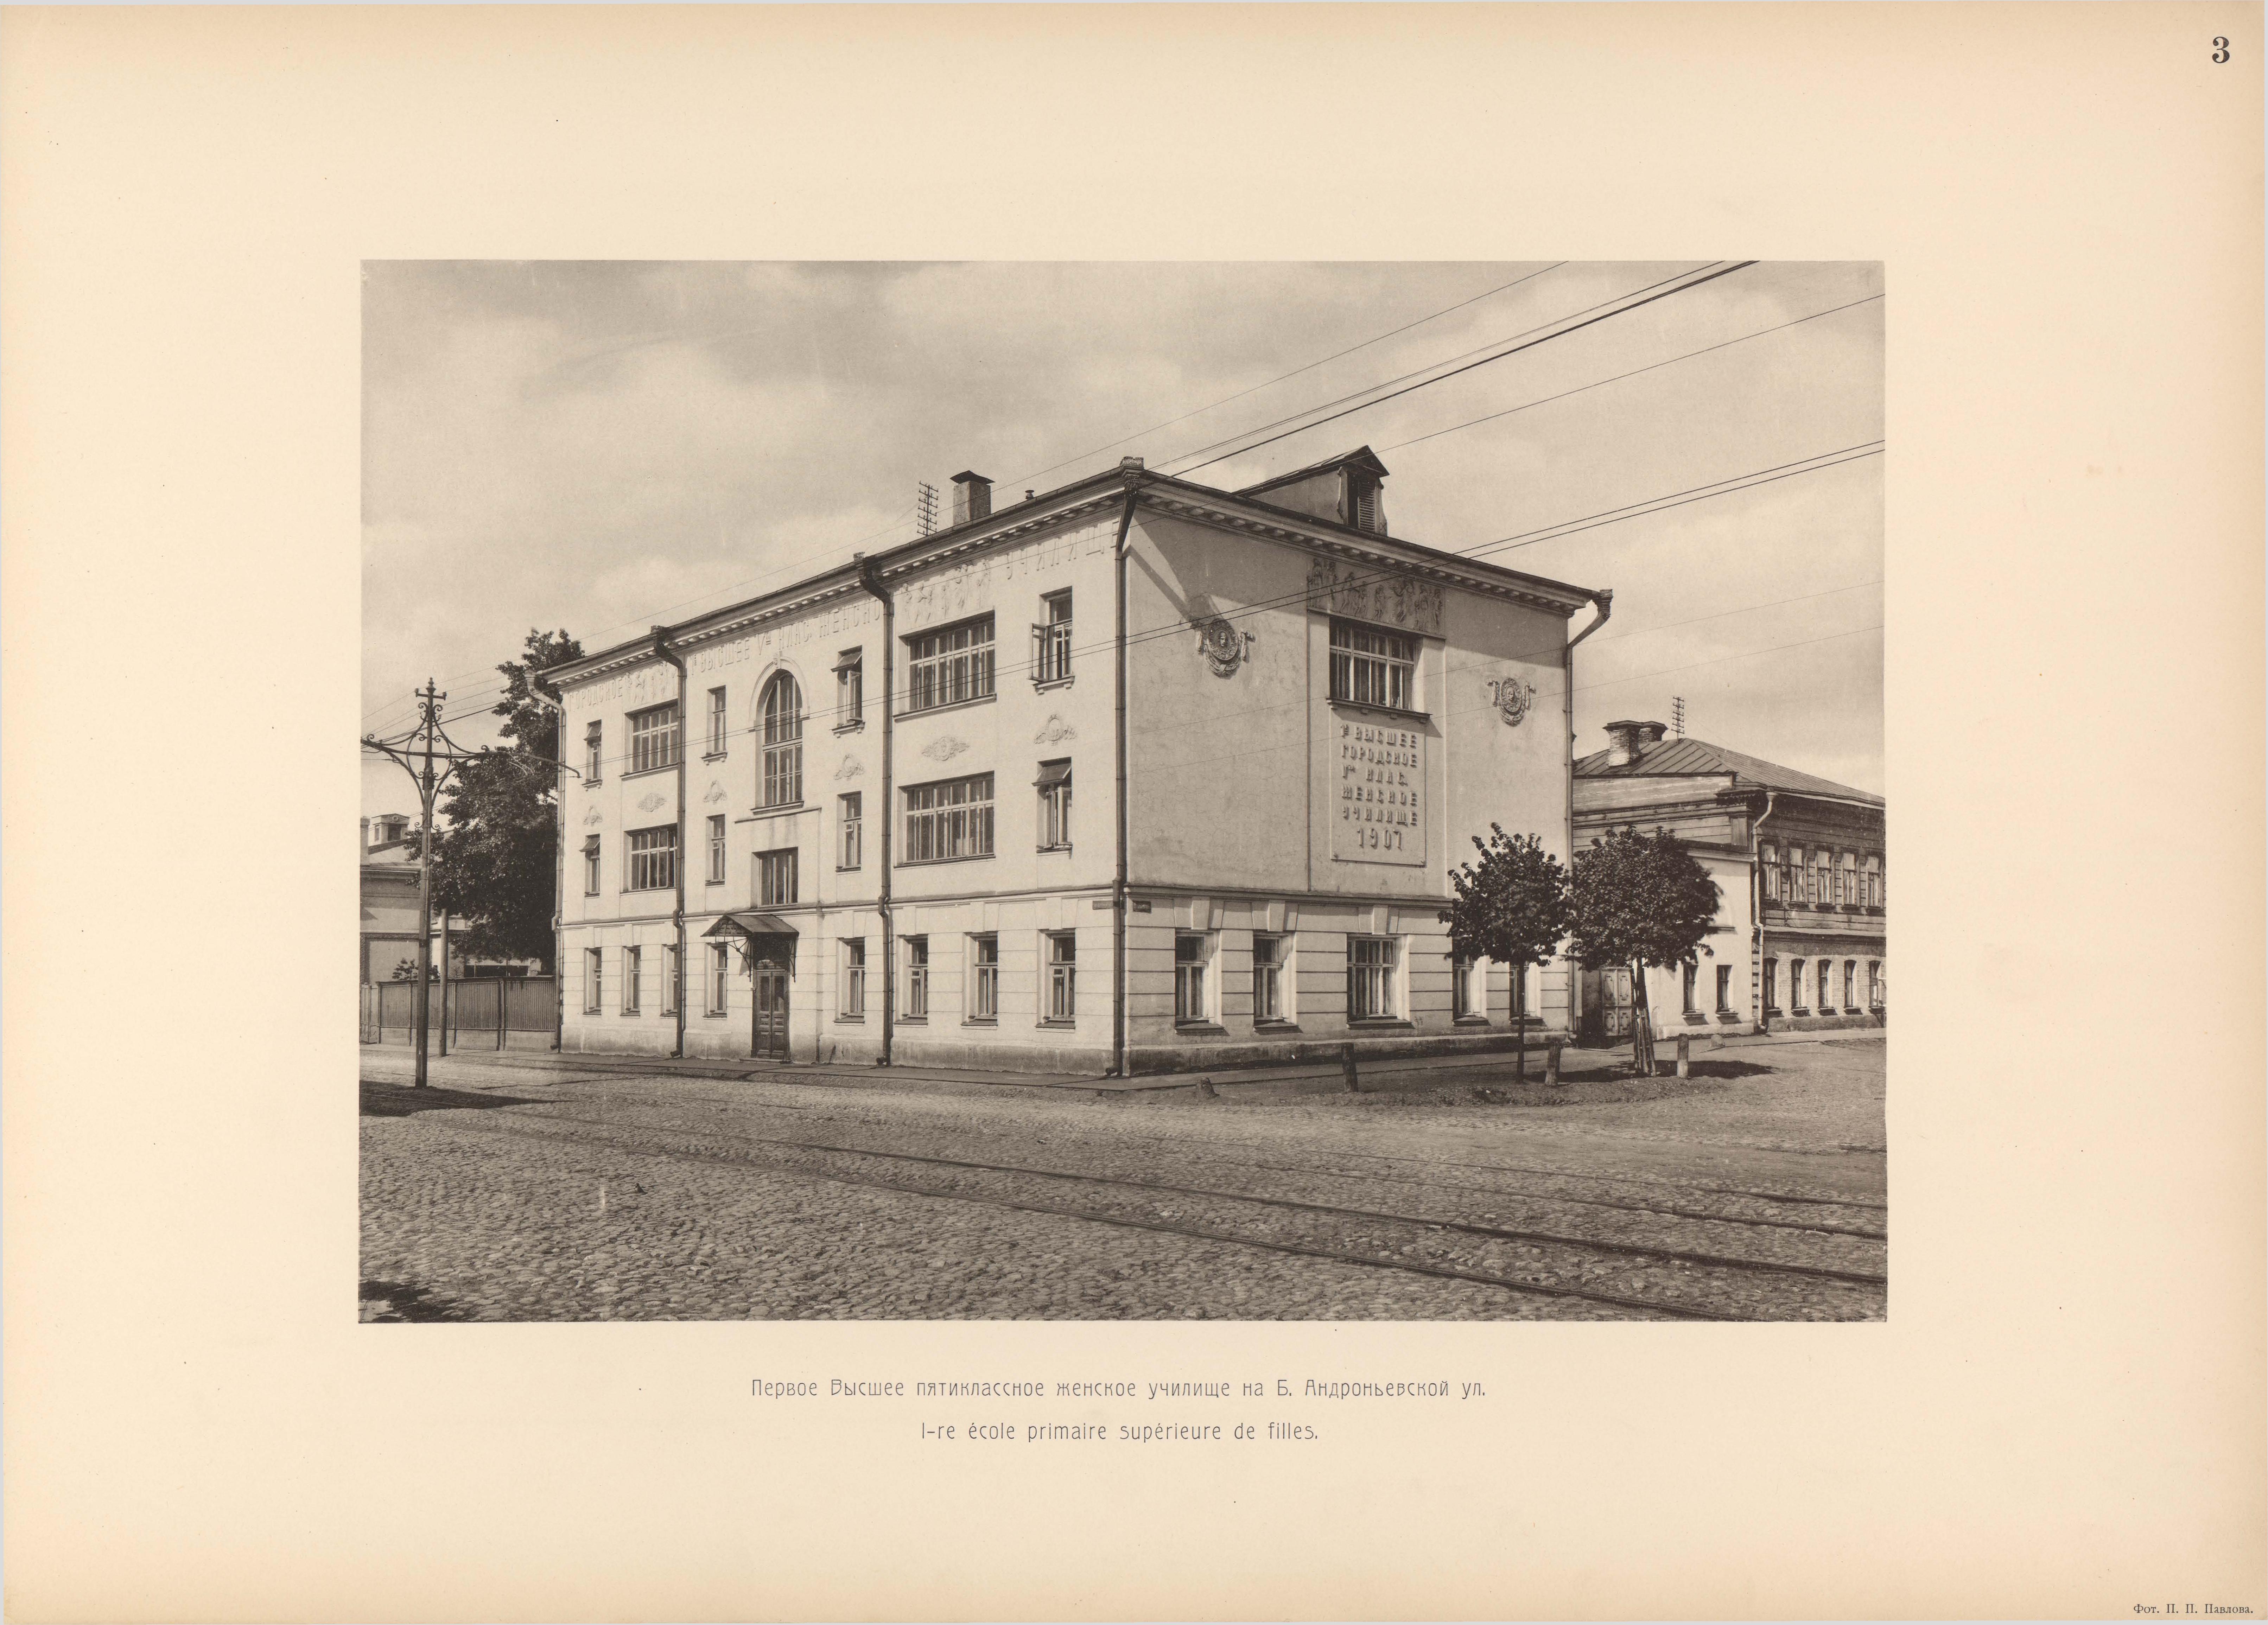 Первое высшее пятиклассное женское училище